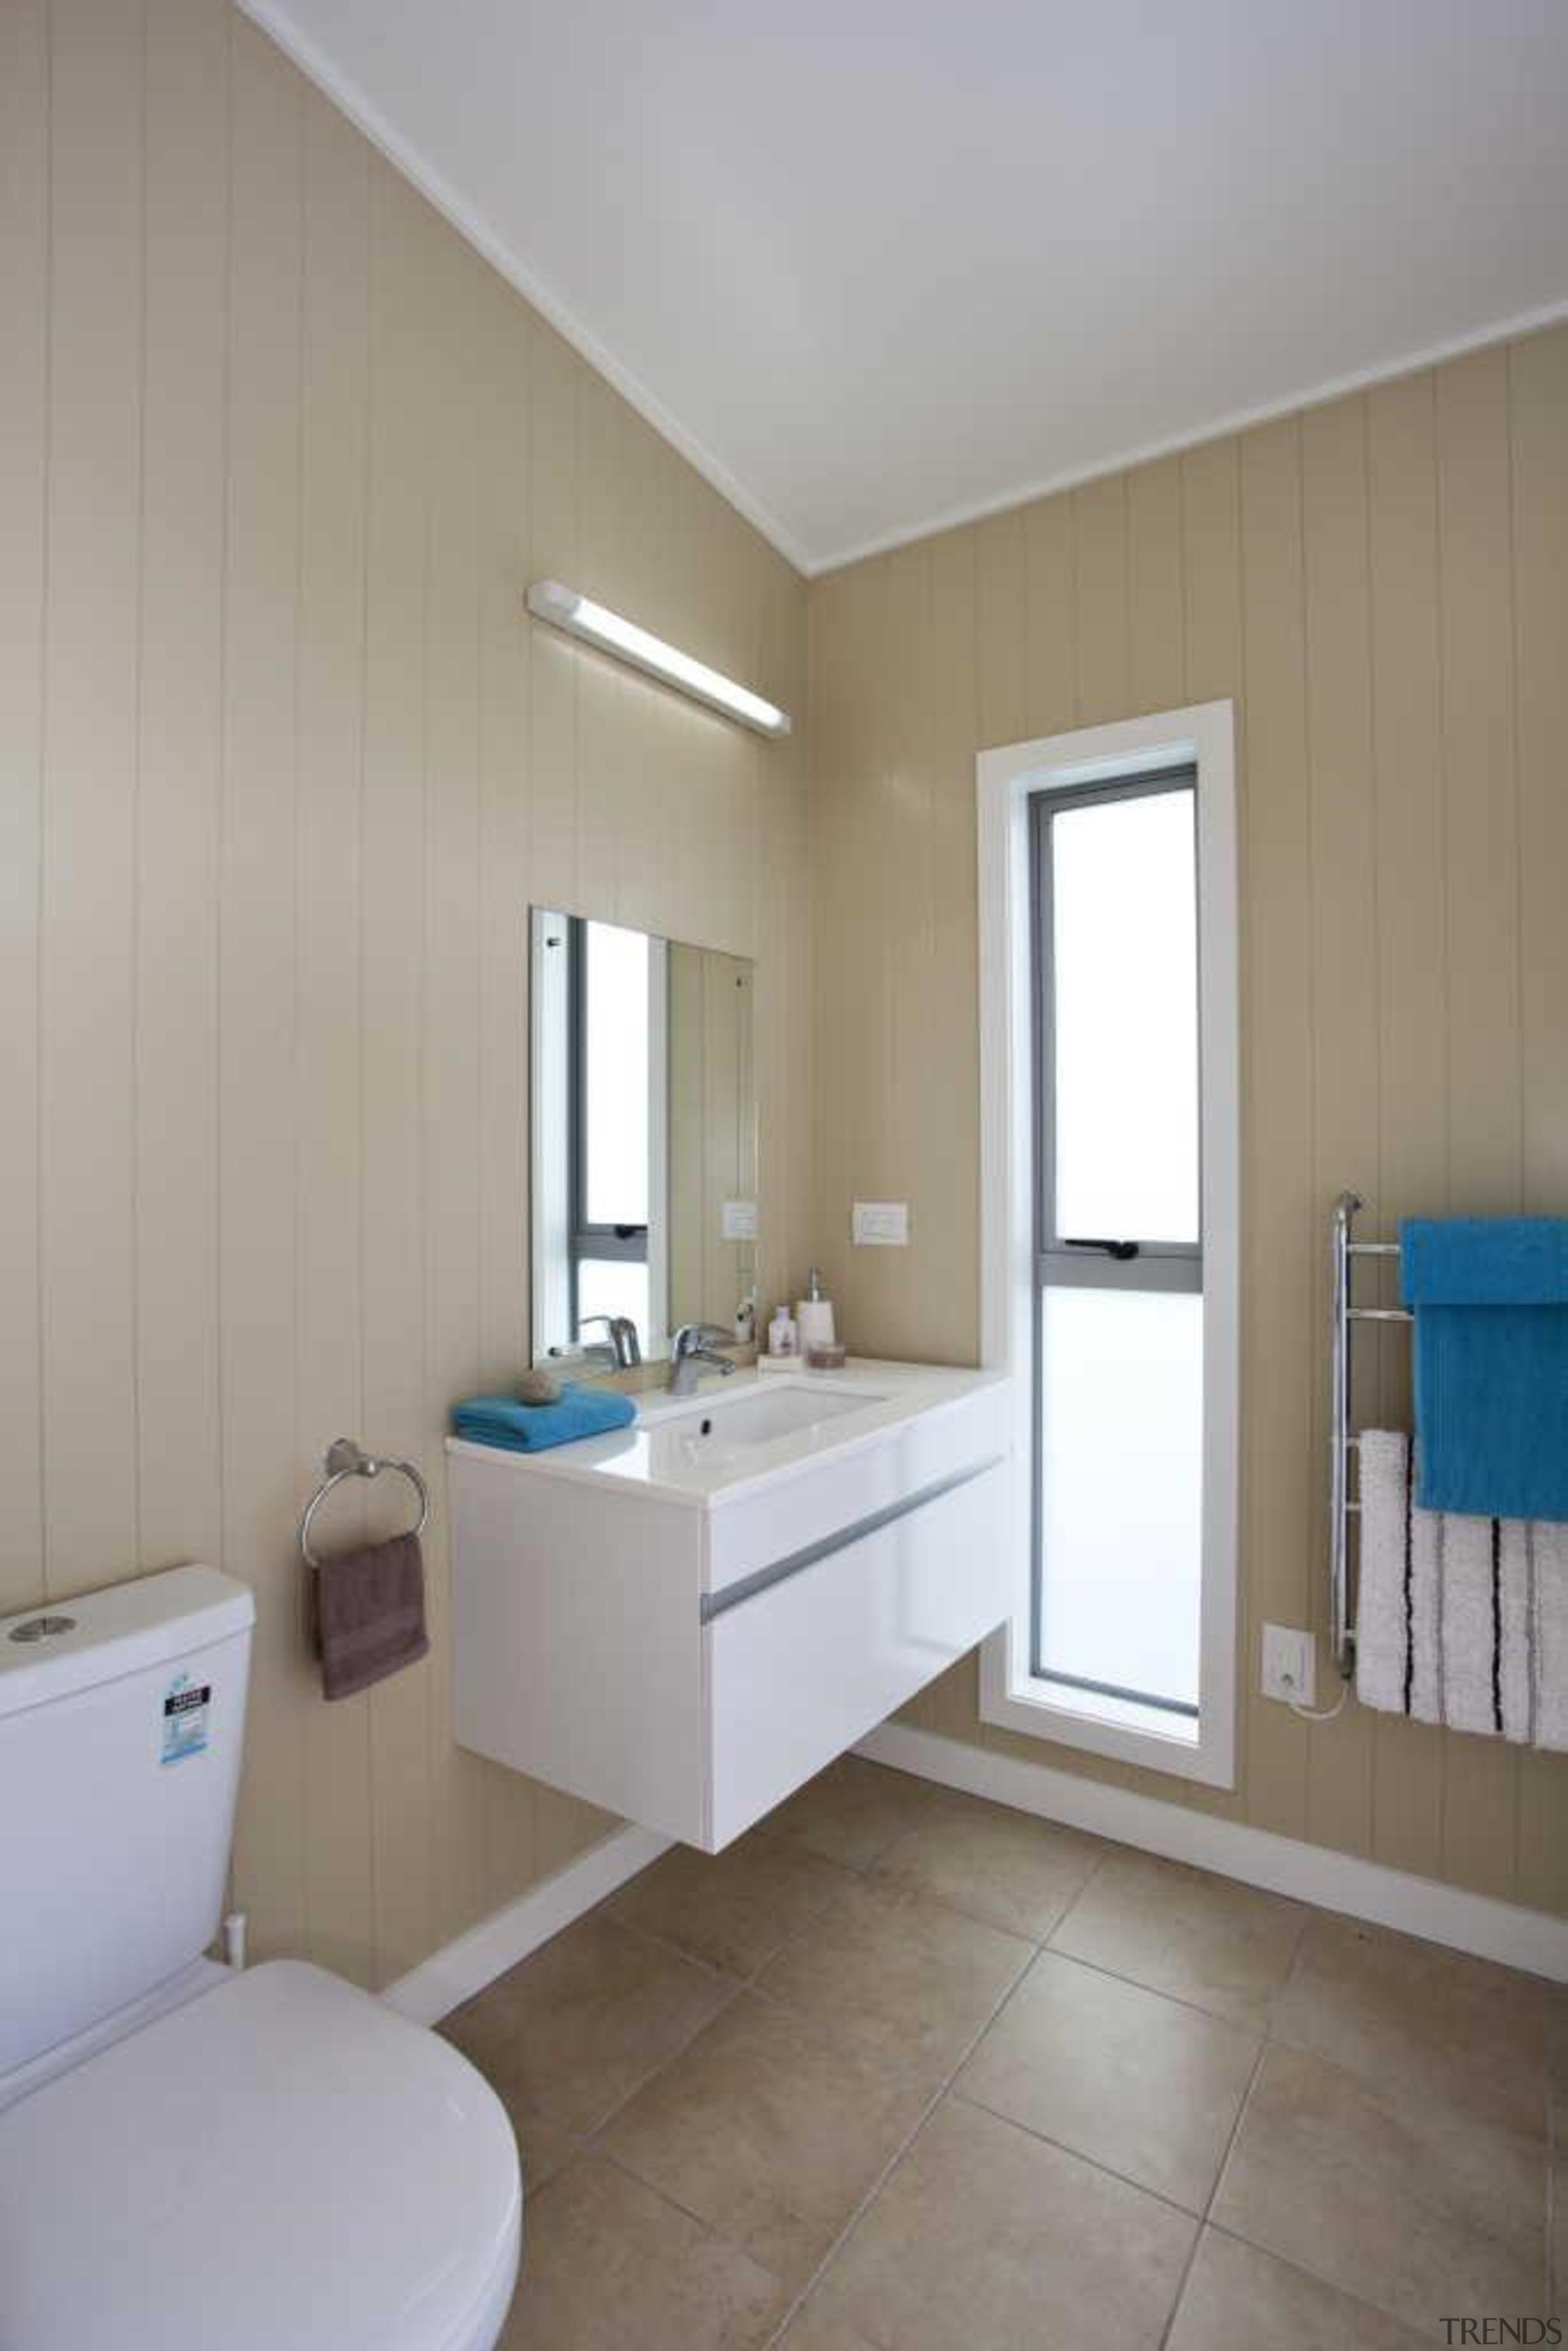 Contemporary bathroom - Bathroom - bathroom   floor bathroom, floor, home, interior design, real estate, room, gray